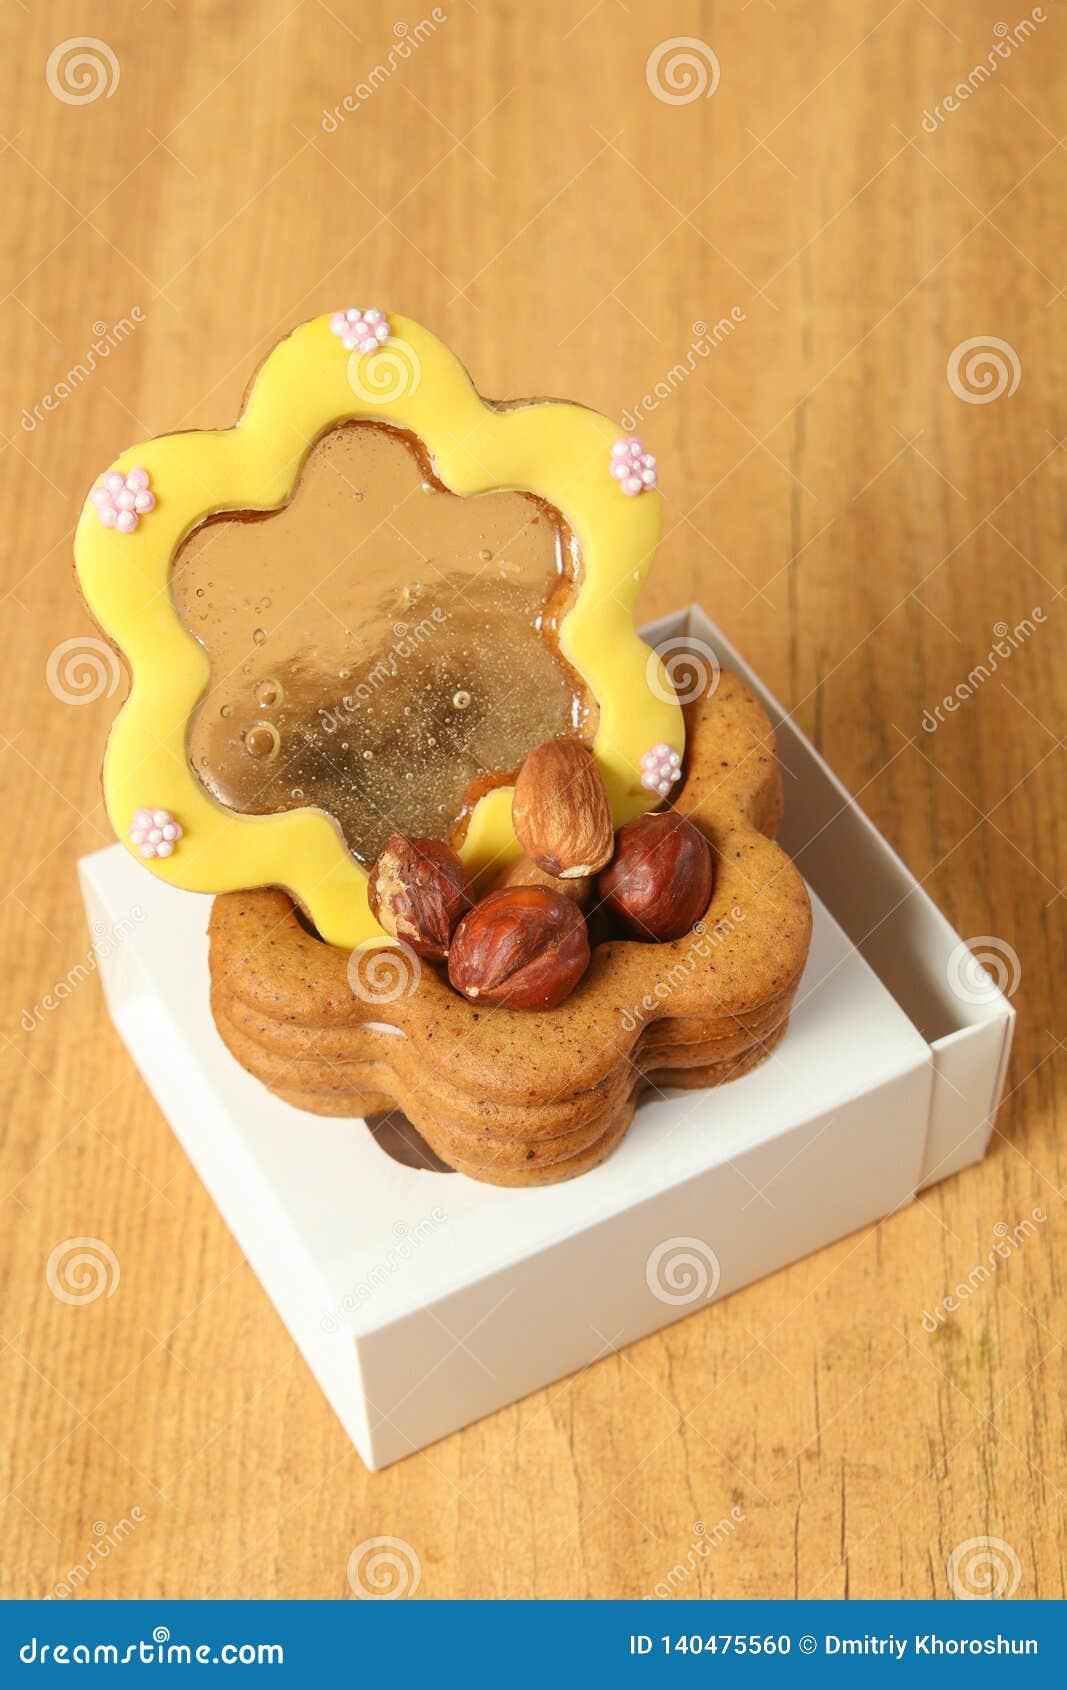 Ginger Cookies Fait Maison Sous Forme De Boite A Bijoux Sur Le Fond En Bois Vue De Plan Rapproche Photo Stock Image Du Maison Ginger 140475560